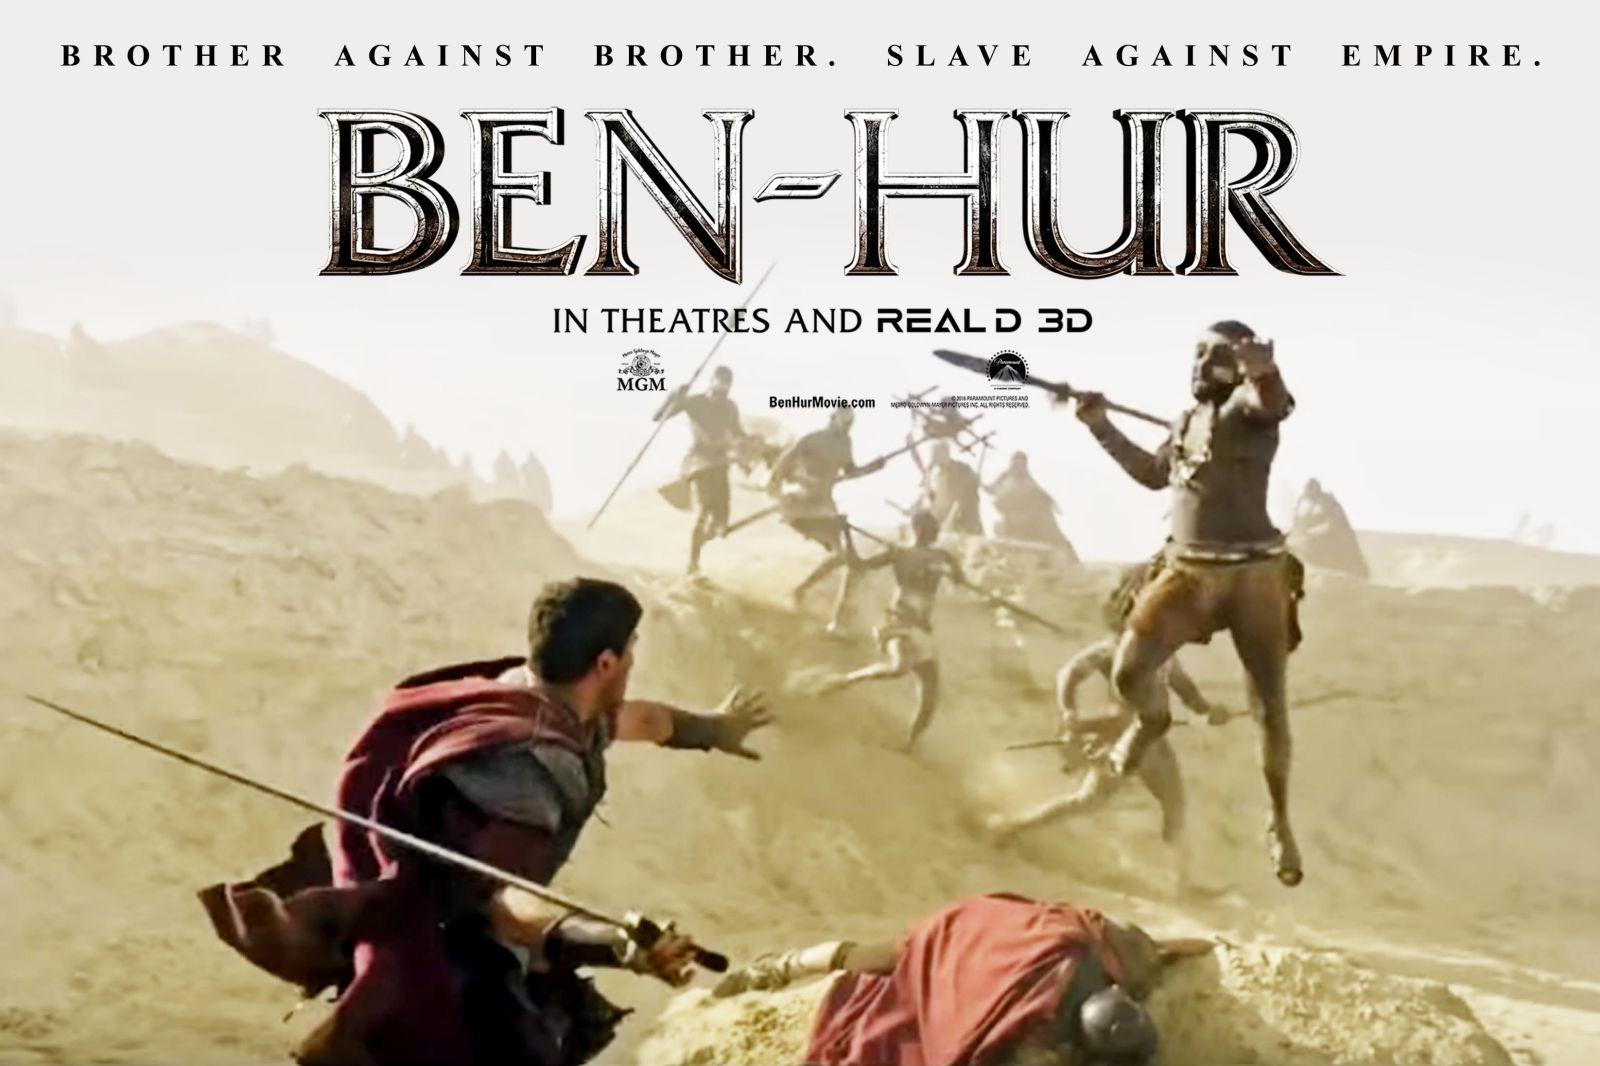 ben hur 2016 full movie in hindi free download